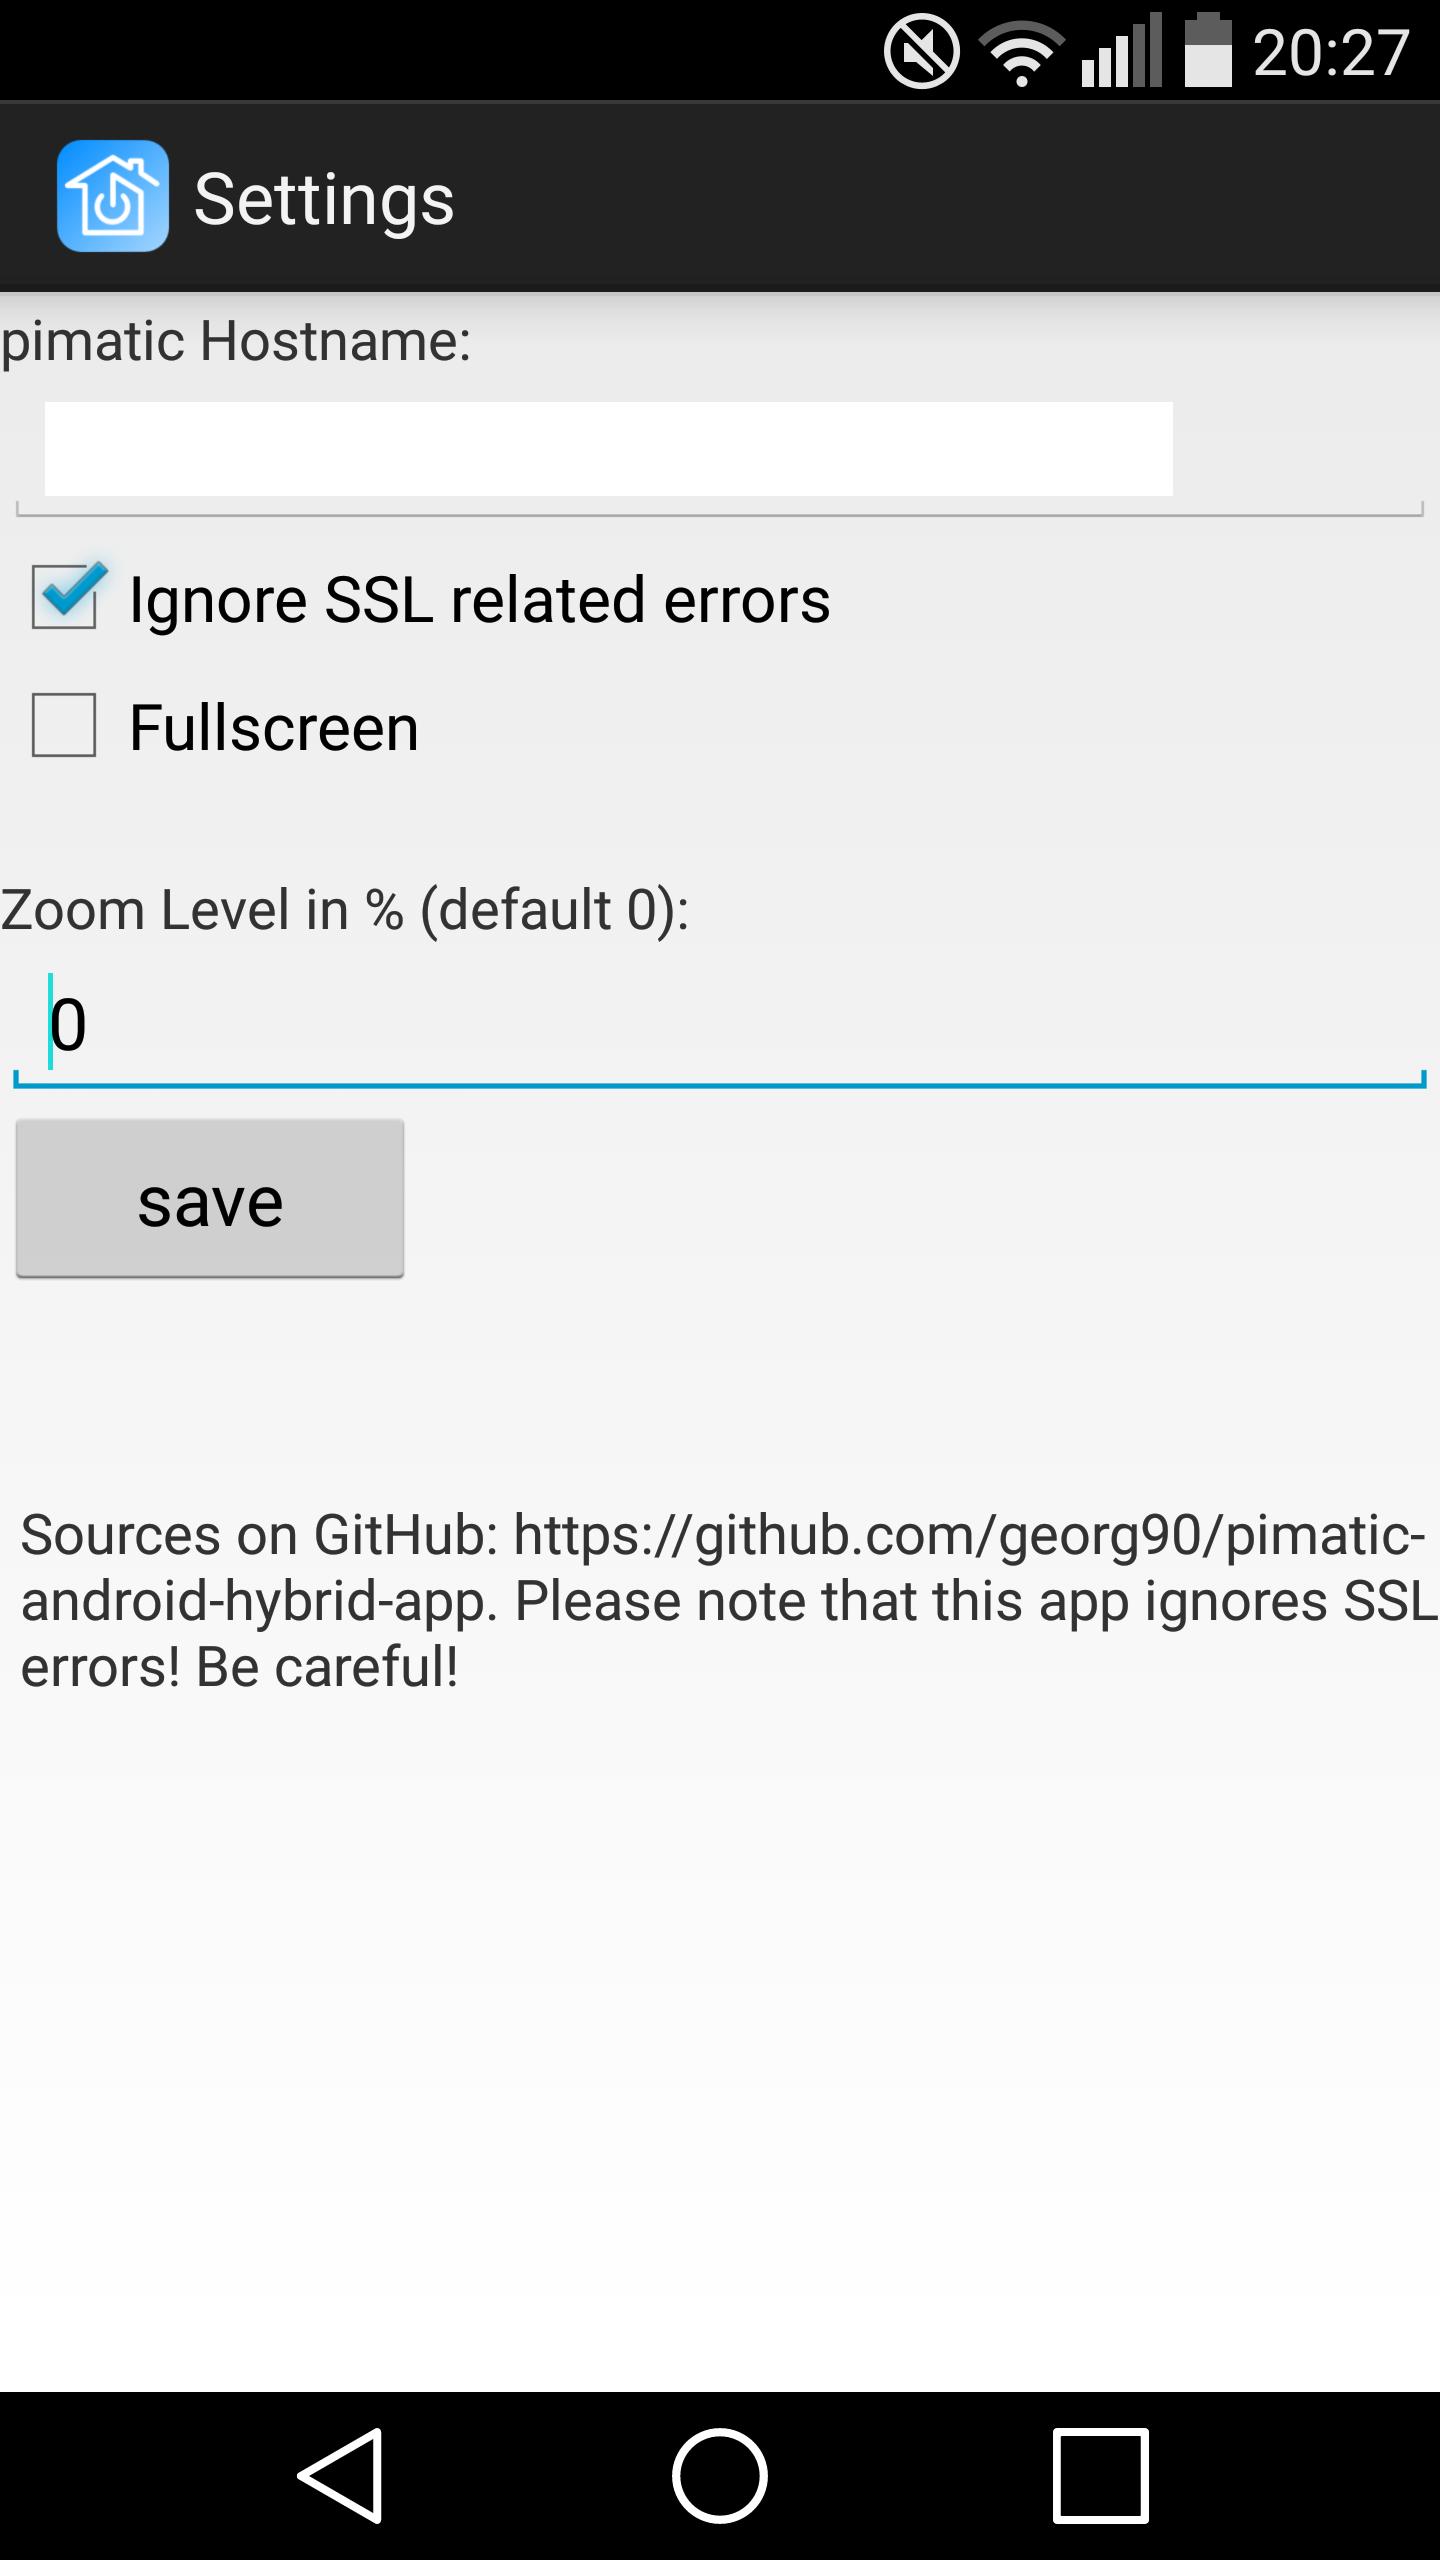 GitHub - georg90/pimatic-android-hybrid-app: Hybrid app for